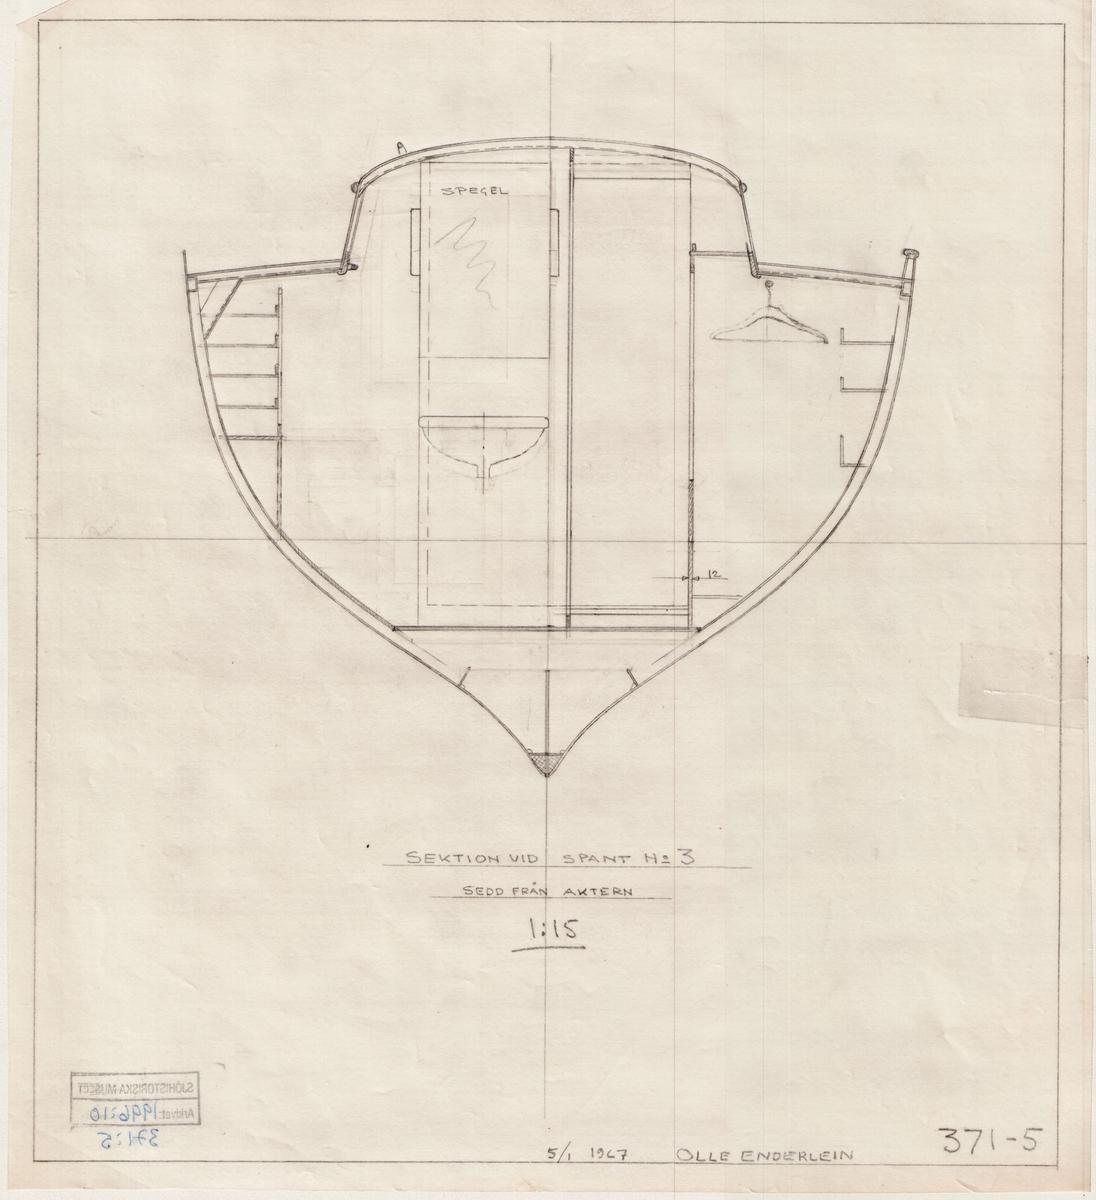 Auxiliary ketch. sektioner, inredning med detaljer